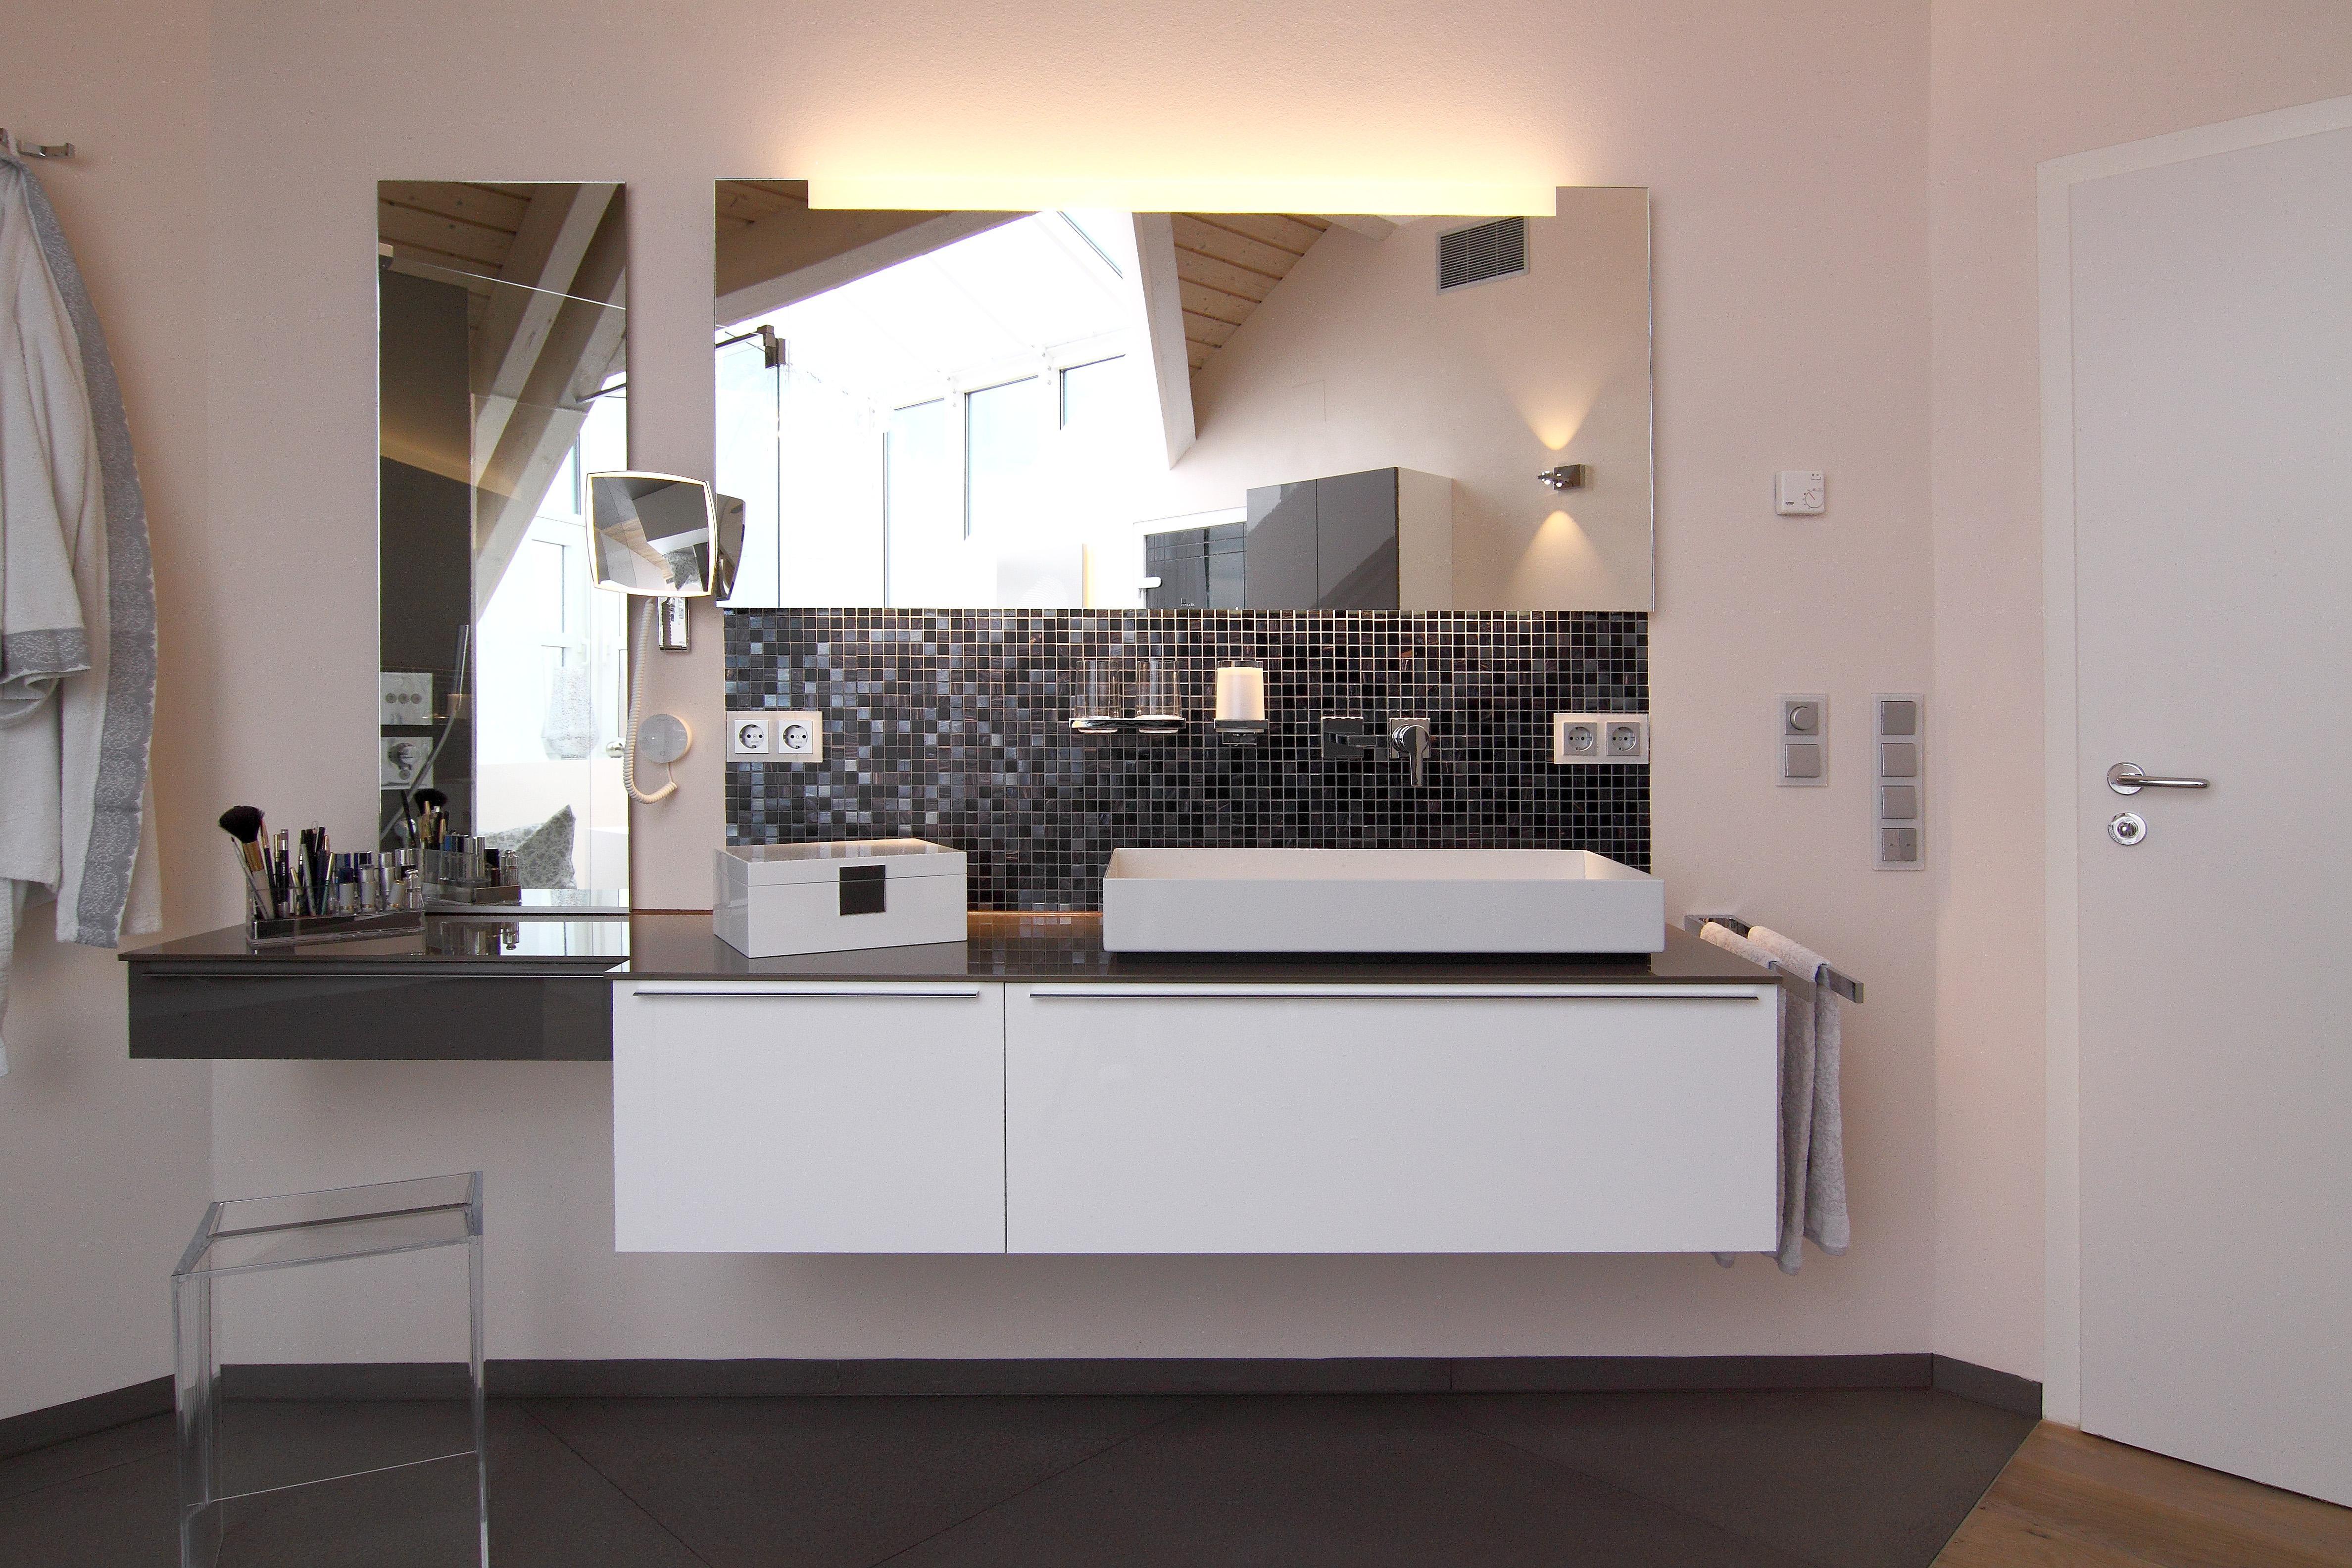 #bestebadstudios #badezimmer #bad #badmöbel #baddeko #spiegel #waschbecken